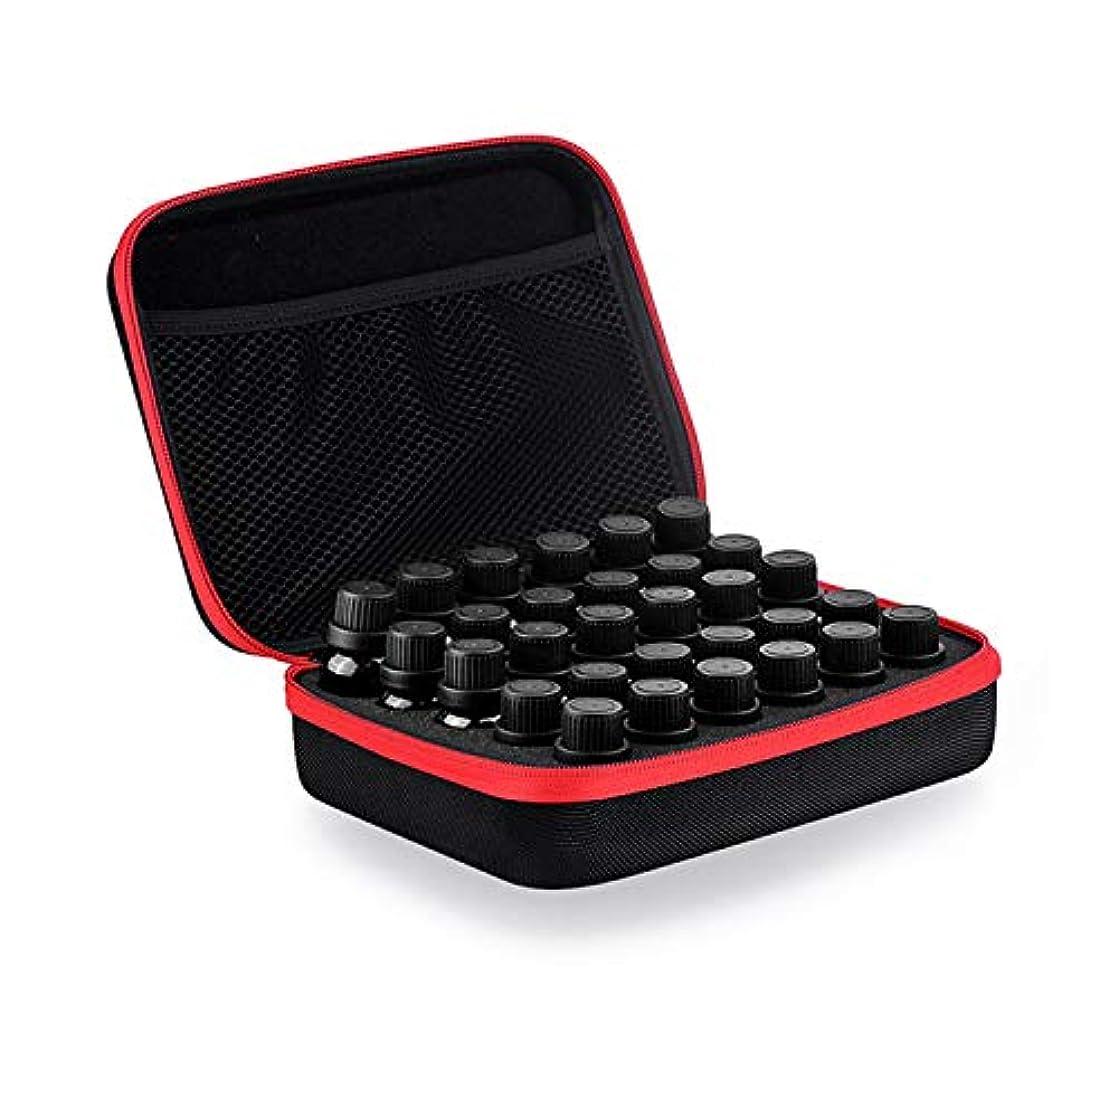 パワーセル縮れたチーズCoteco 精油 ケース 化粧品袋30スロットボトルエッセンシャルオイルケース用保護5/10/15ミリリットルローラーエッセンシャルオイルバッグ 旅行 キャリング 収納オーガナイザー (赤)